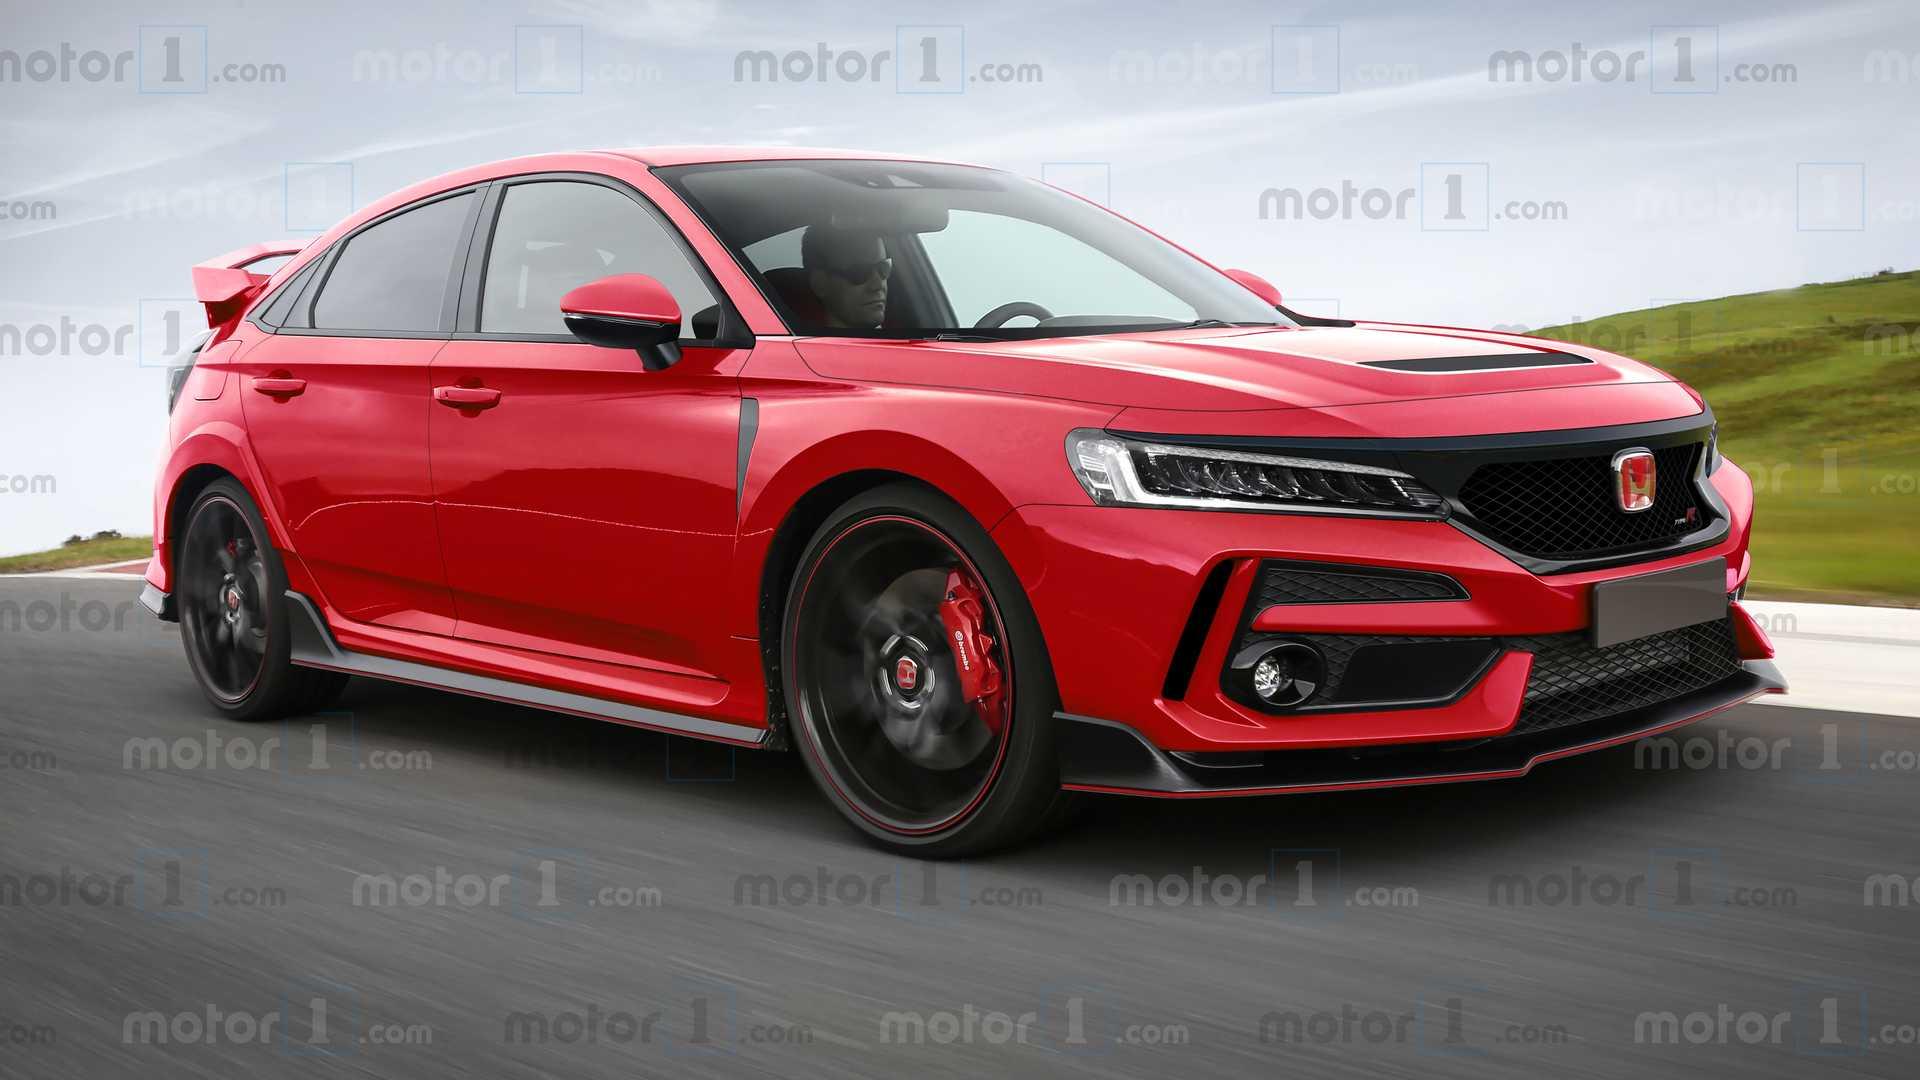 Honda Civic 2021 chốt lịch ra mắt, hứa hẹn nhiều nâng cấp đáng chú ý